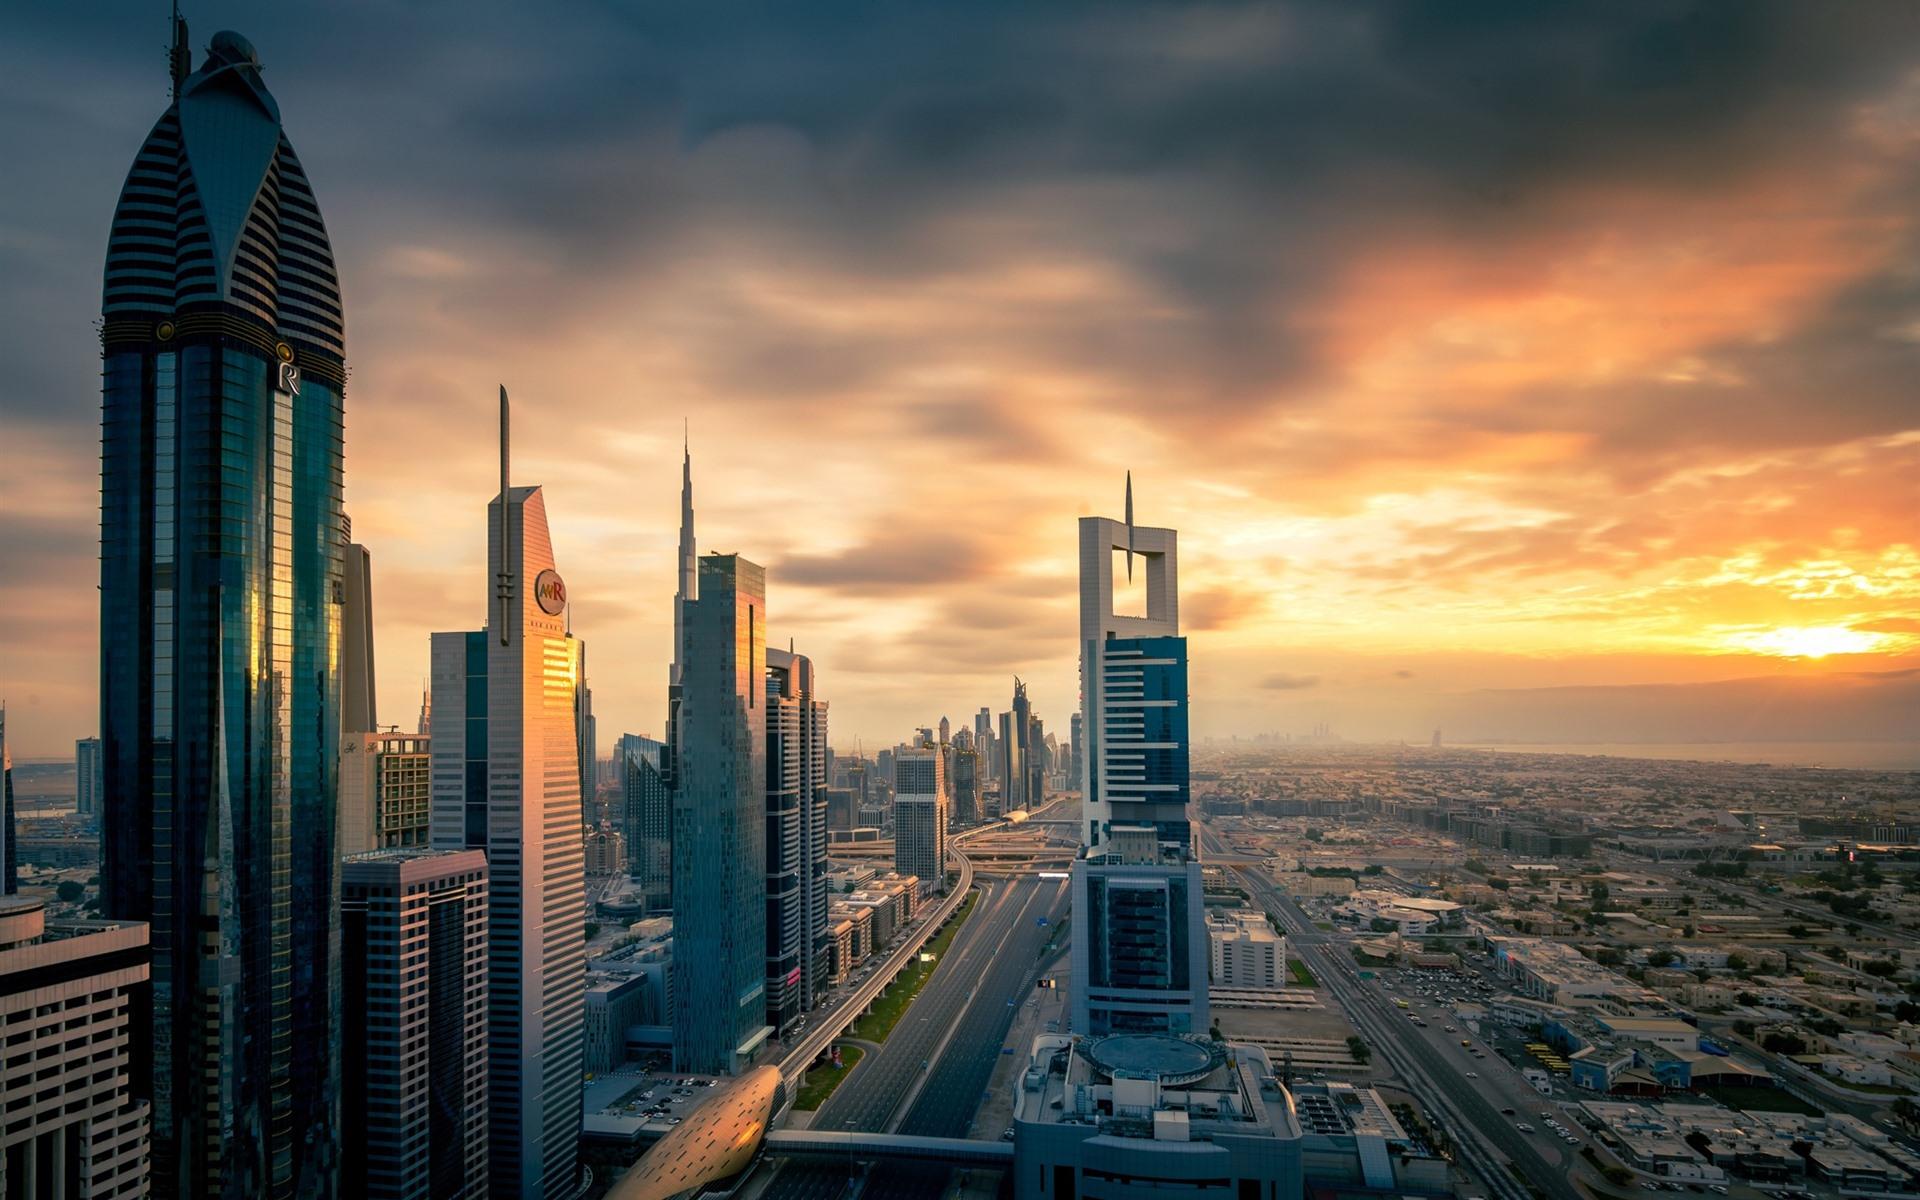 Wallpaper City At Sunset, Skyscrapers, Dubai, UAE